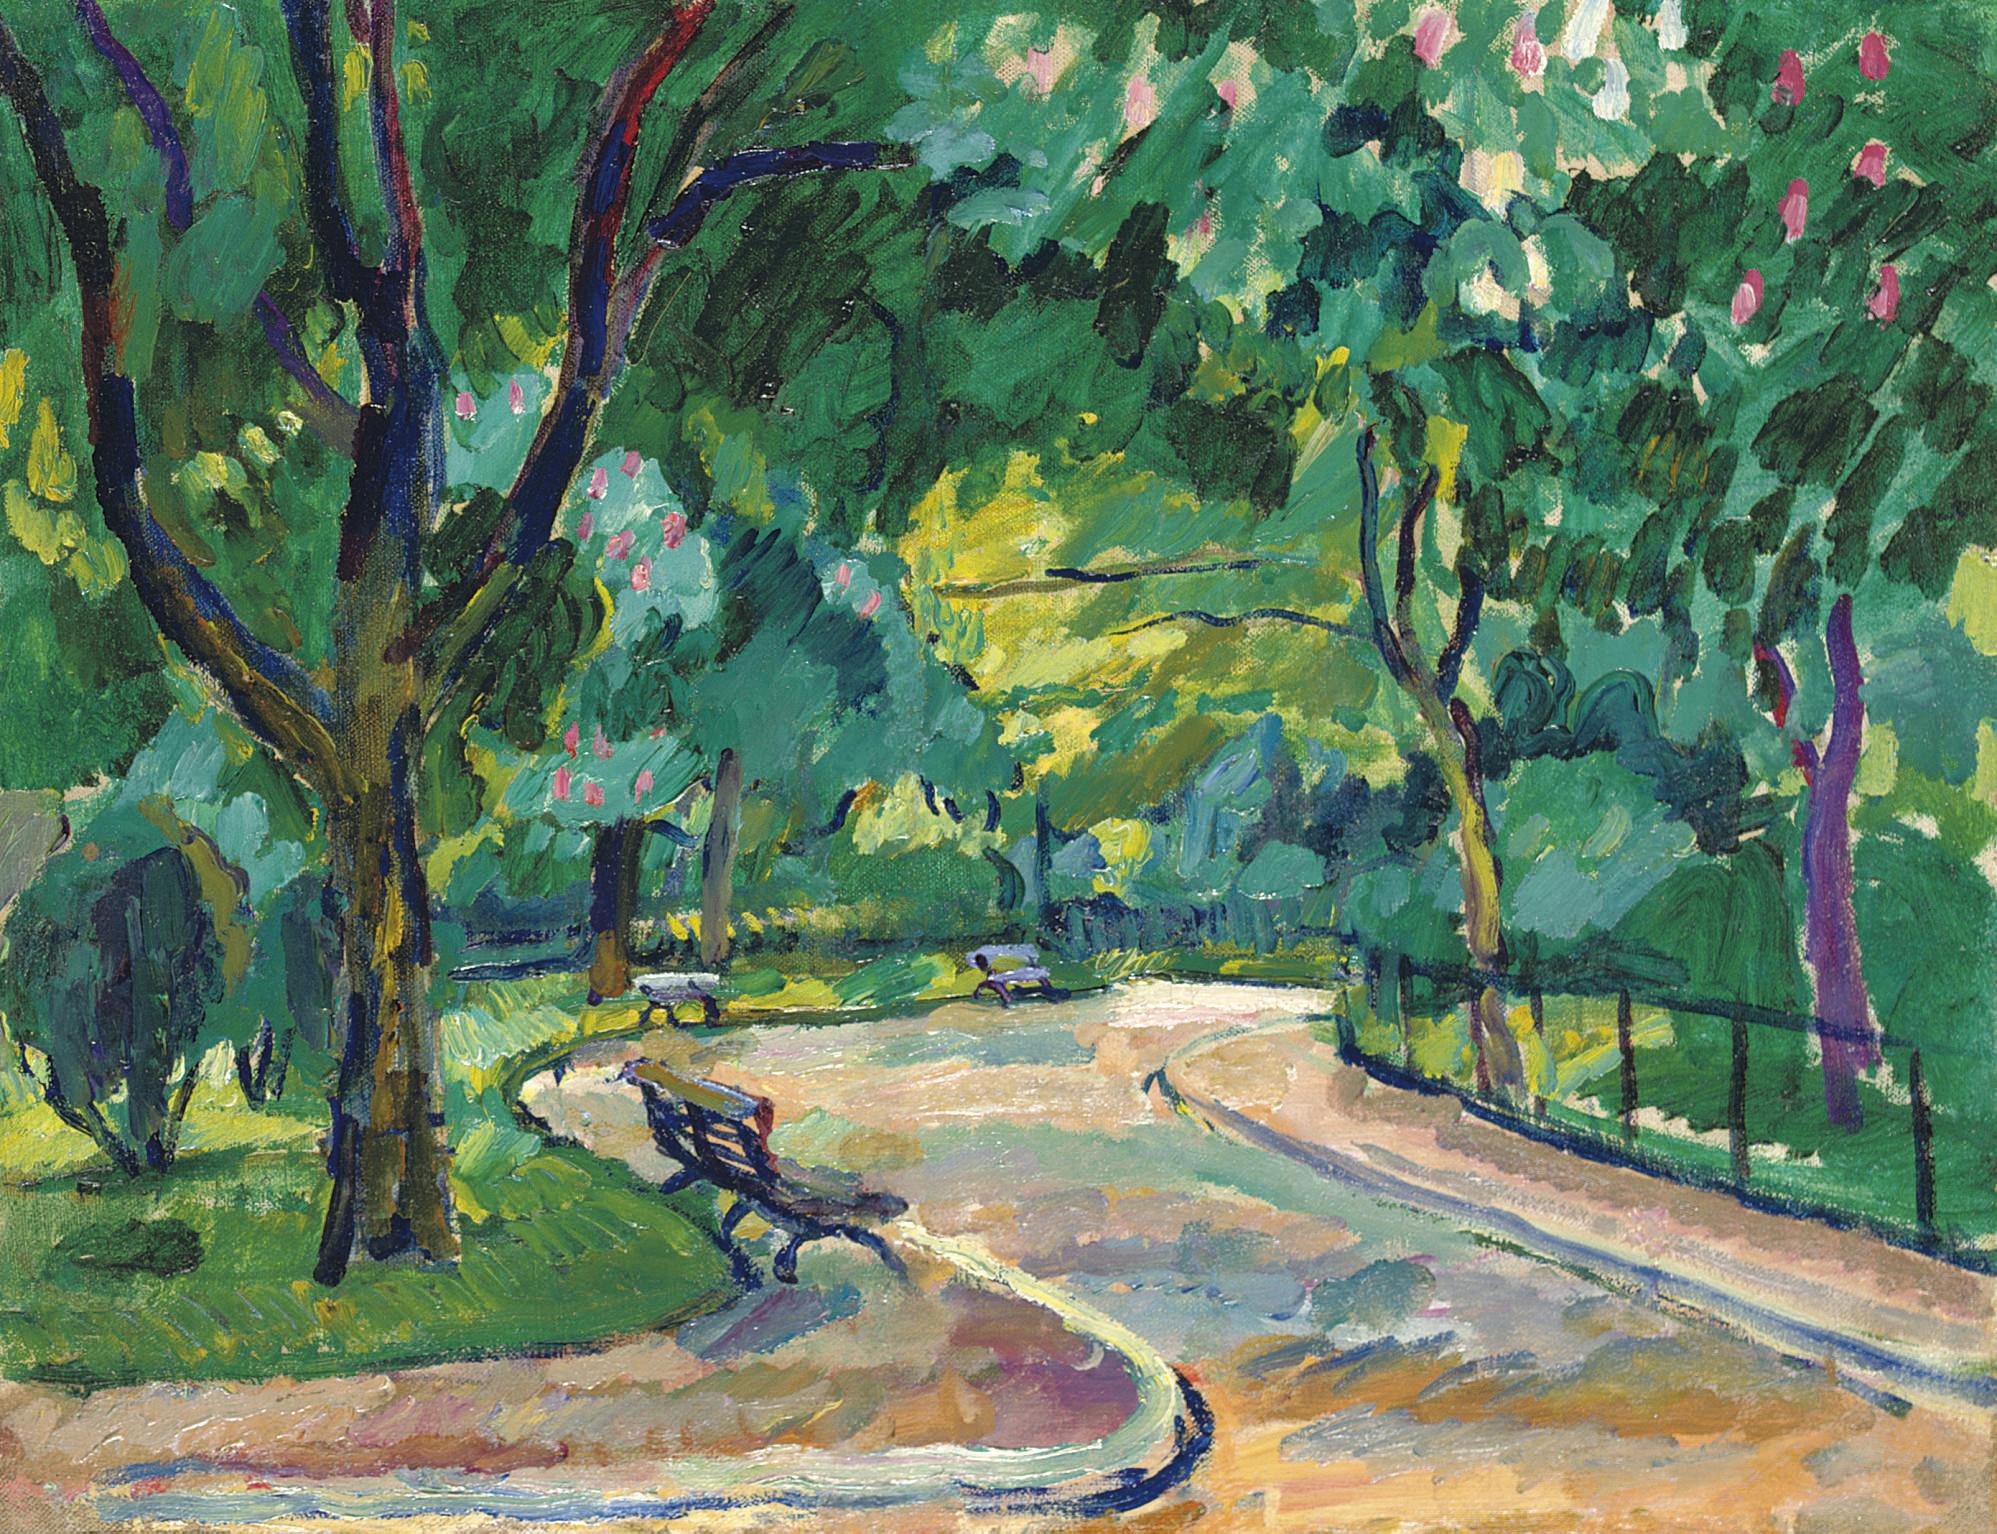 France. Parc Montsouris. Chestnut tree